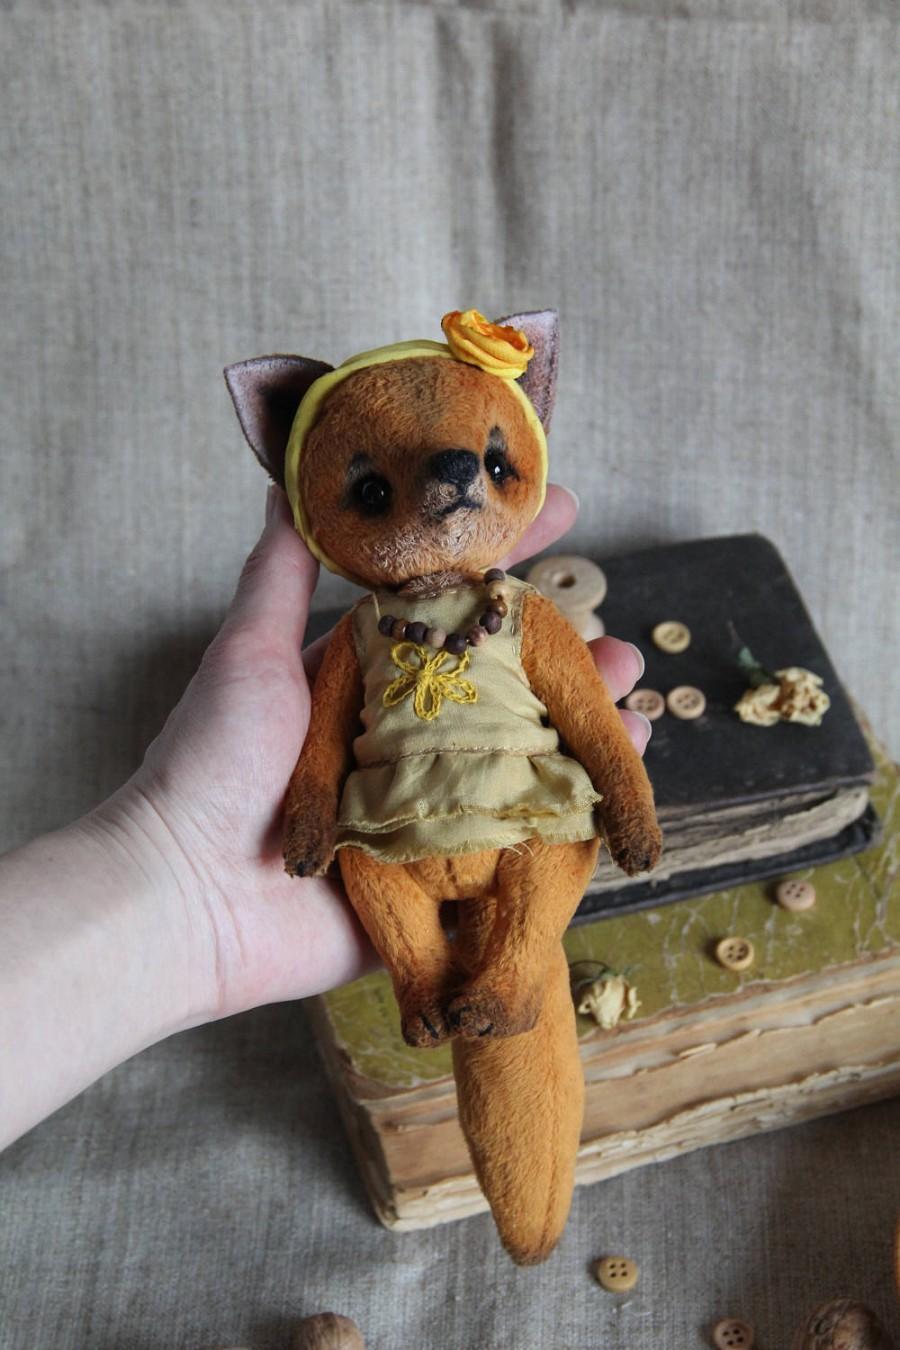 Boda - Author's teddy fox style teddy bear. Height 6.5  inch (16,5 cm).